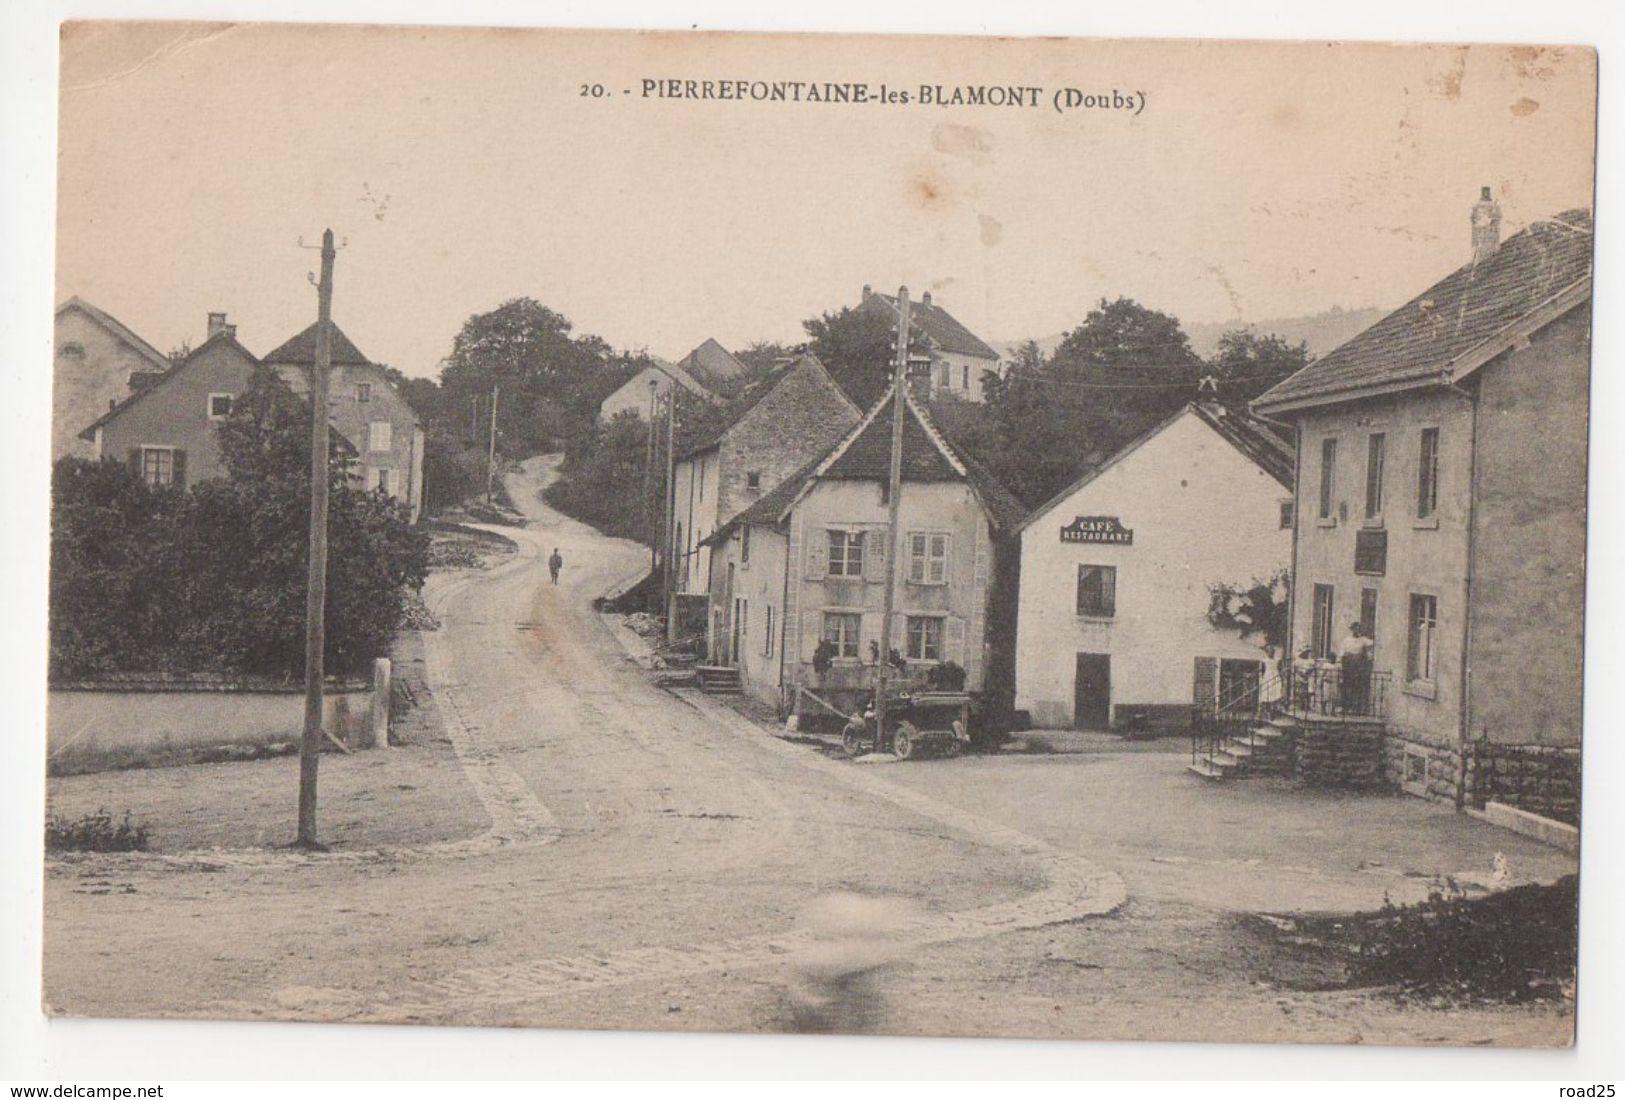 ( 25 ) Lot De 99 Cartes Postales Anciennes Du Département Du Doubs - Quelques Doubles - Cartes Postales